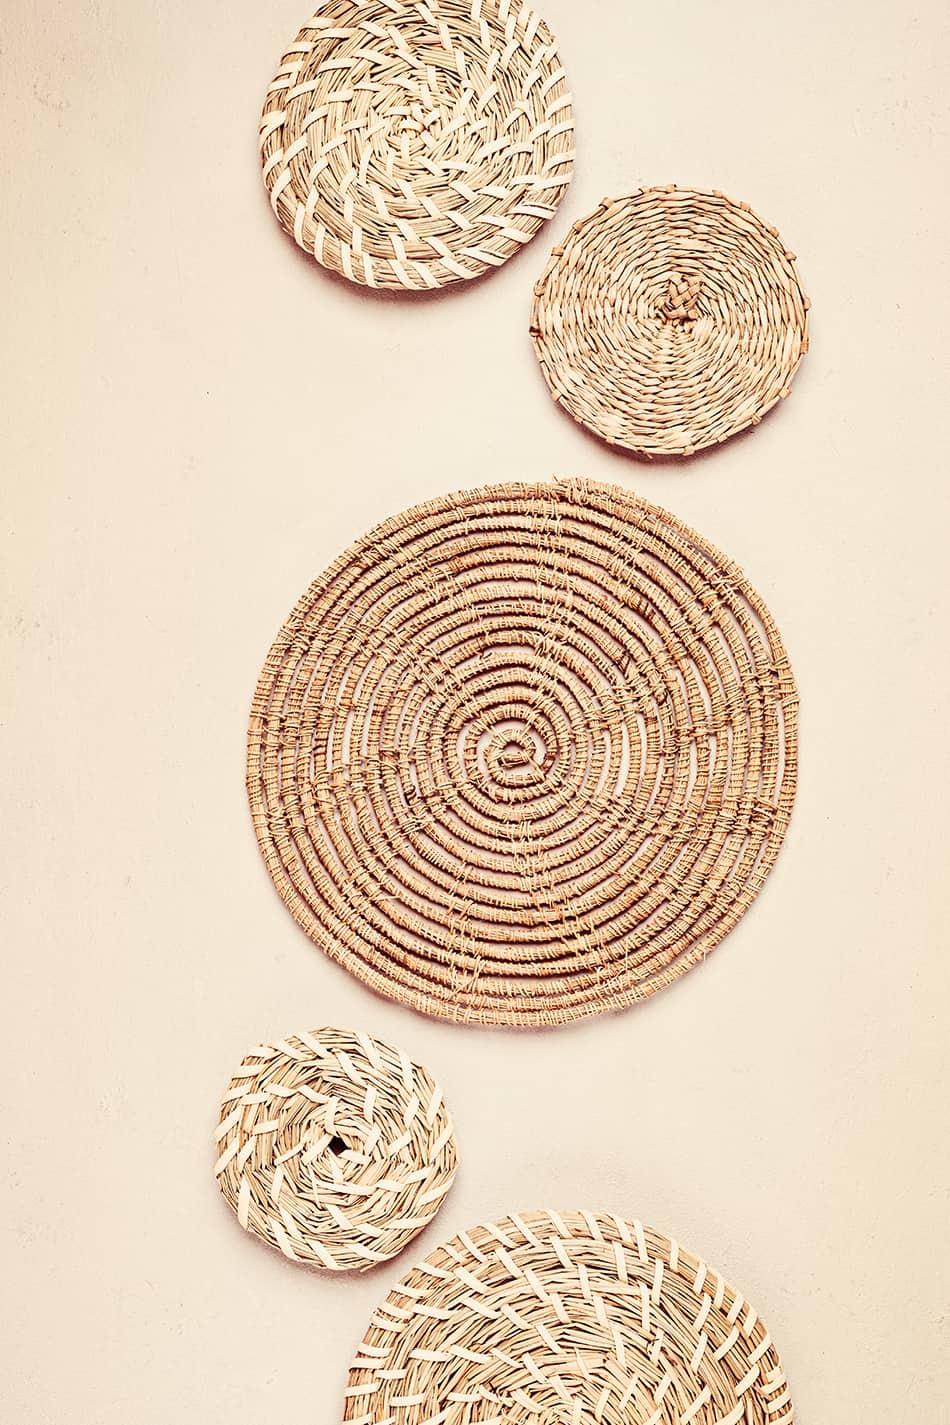 Boho-Style Woven Baskets